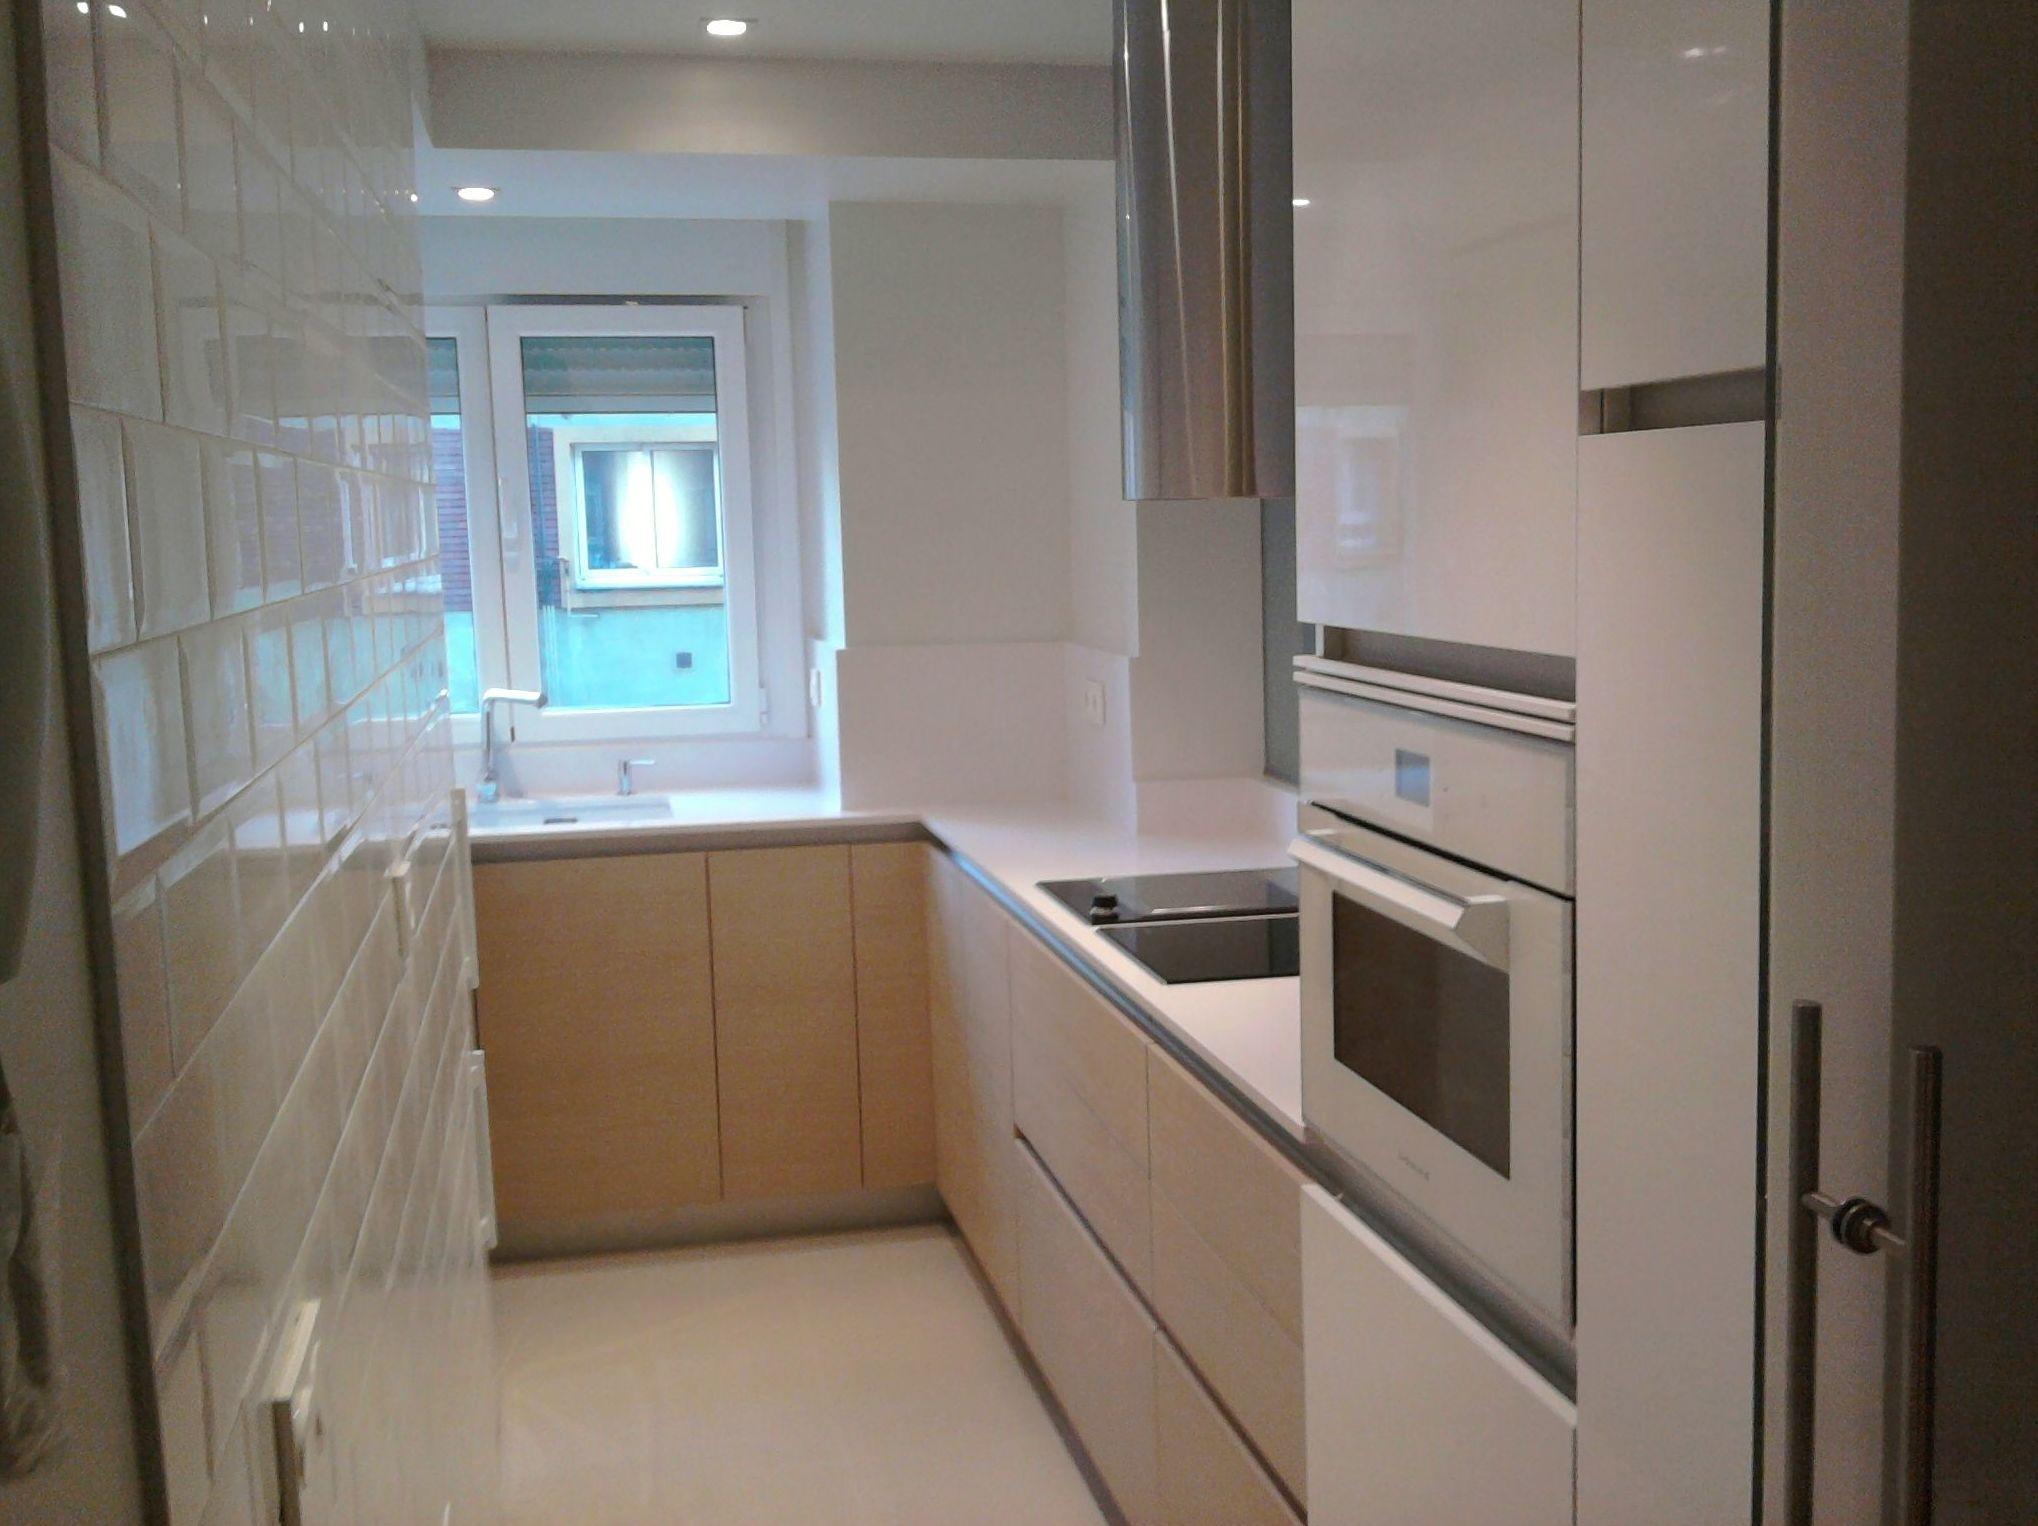 Reformas cocinas y ba os servicios de consma construcciones - Reformas cocinas y banos ...